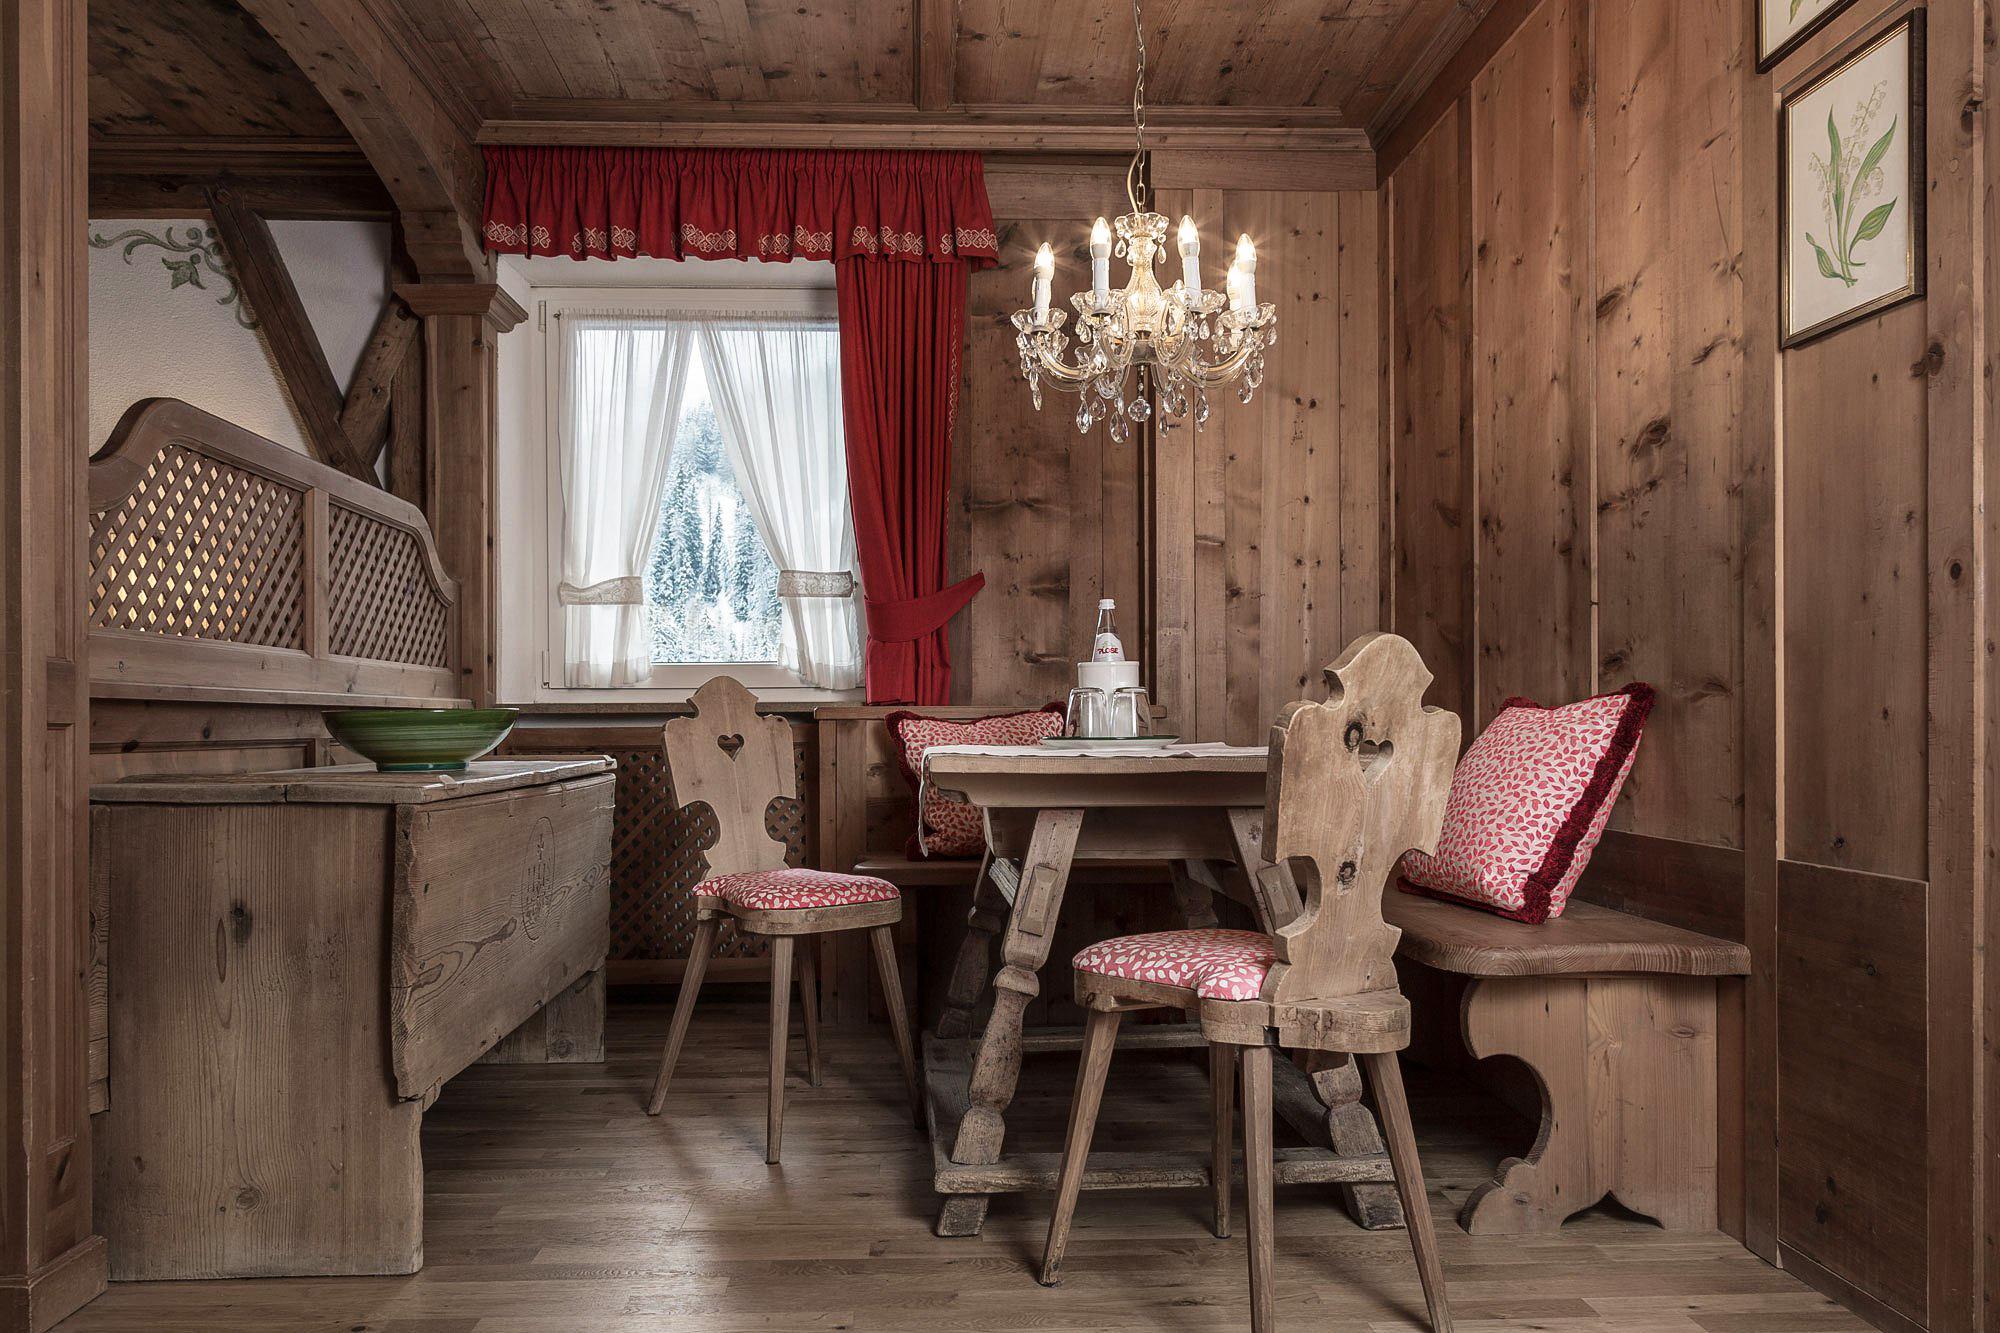 La-Perla-fotografia-dellhotel-Italia-Adrian-Kilchherr-fotografo-di-hotel-di-lusso